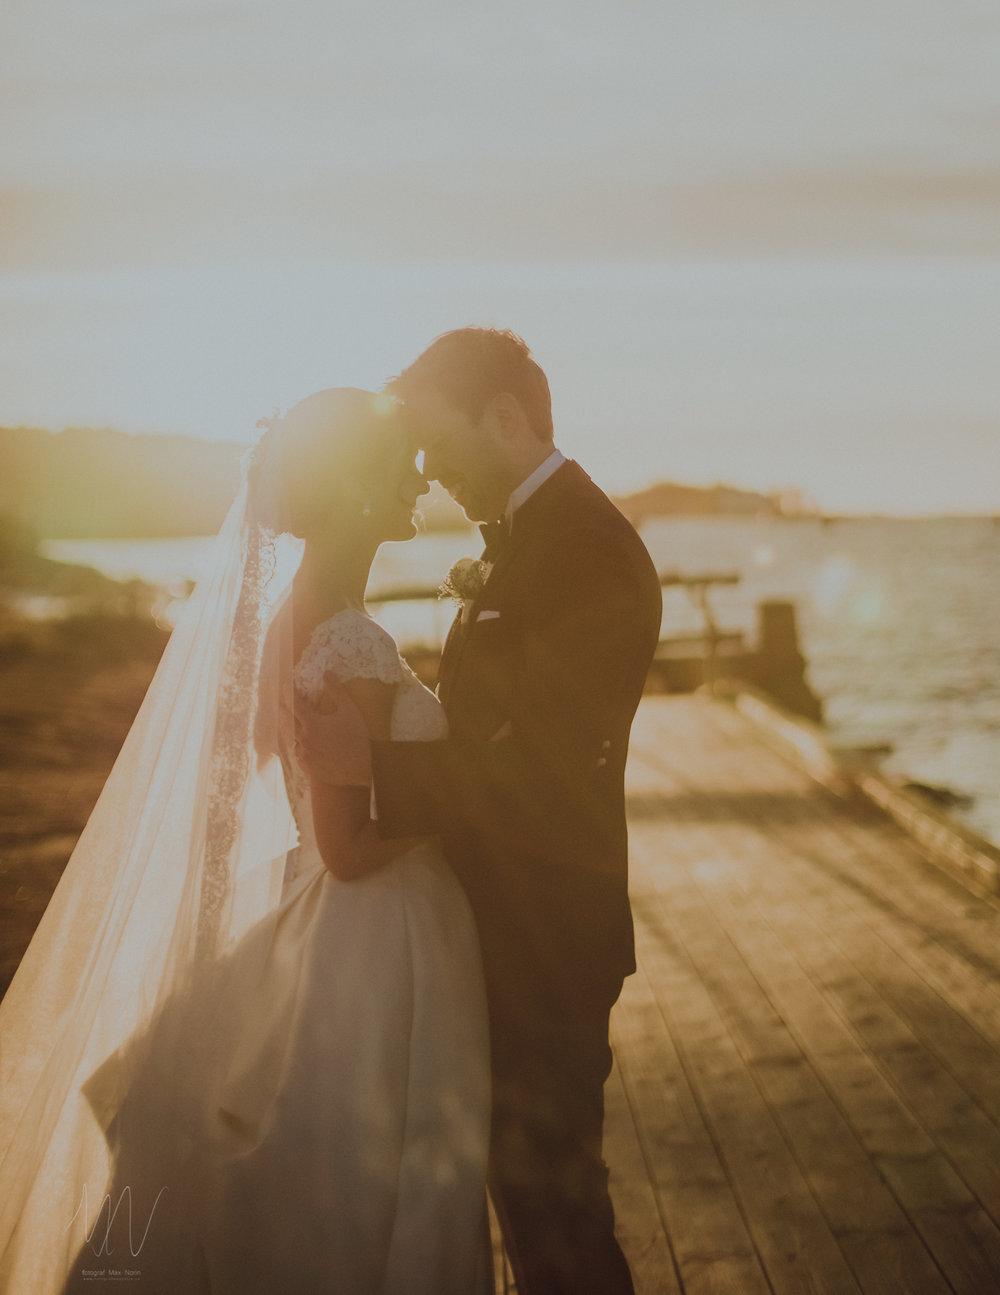 bröllopsfoto-fotograf-max-norin-236.jpg